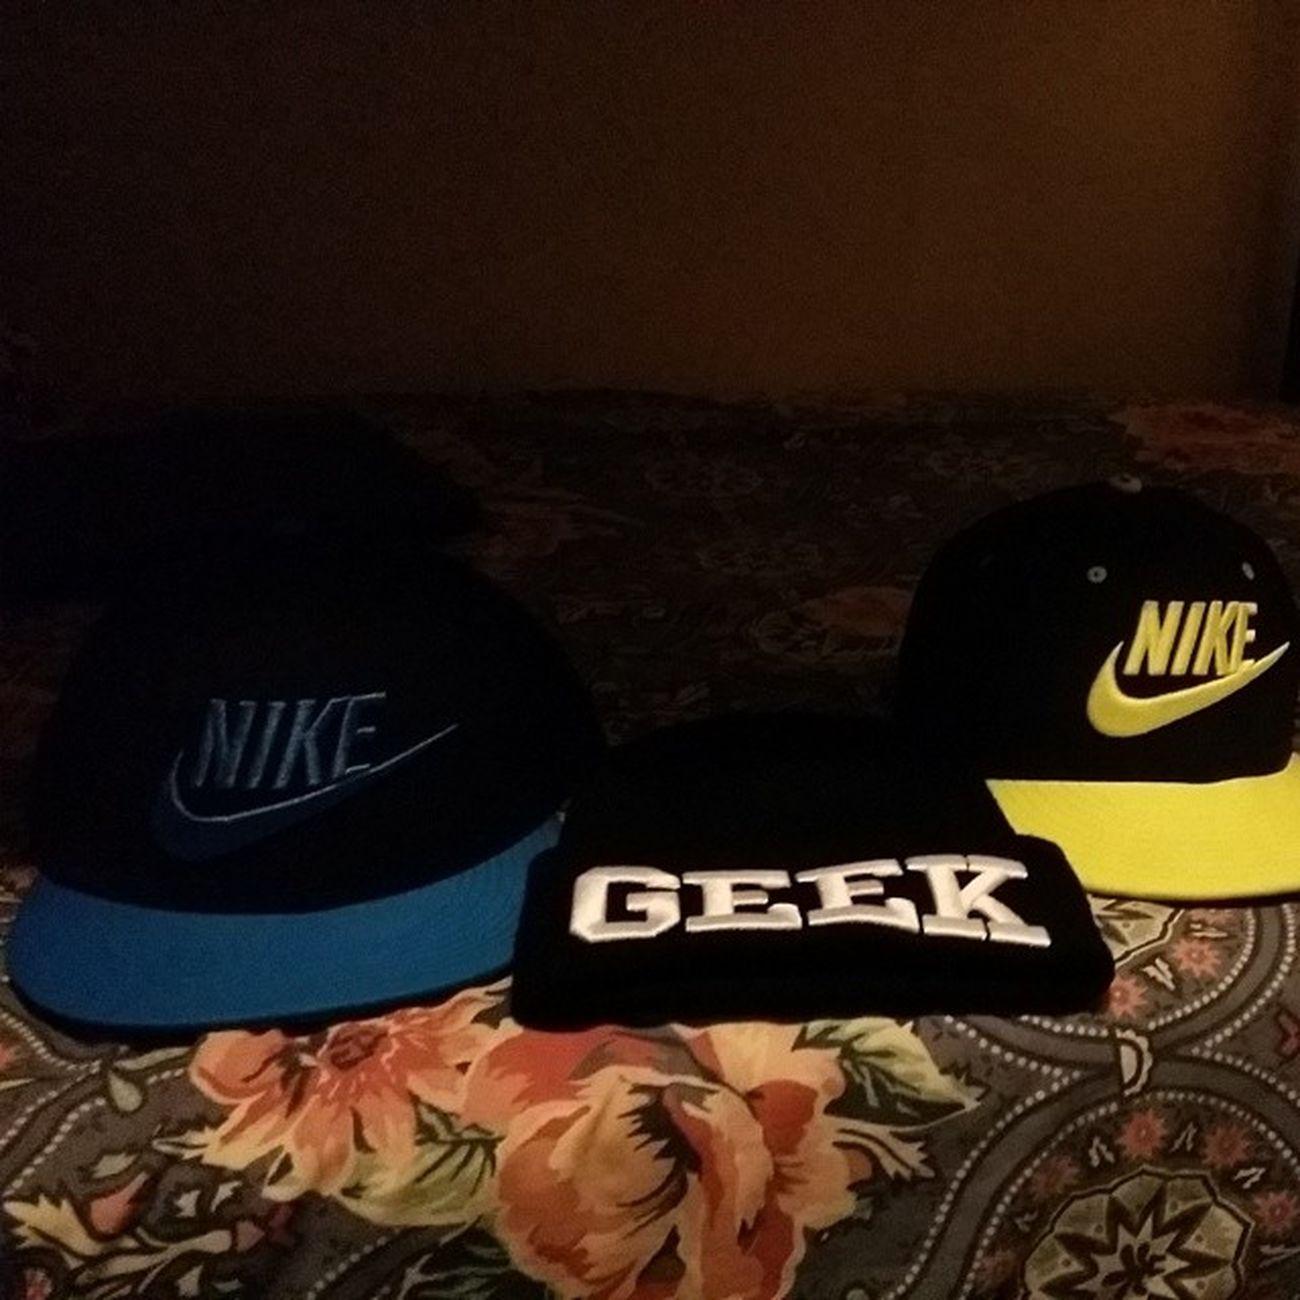 Nike JustDoIt Geek Niiiice